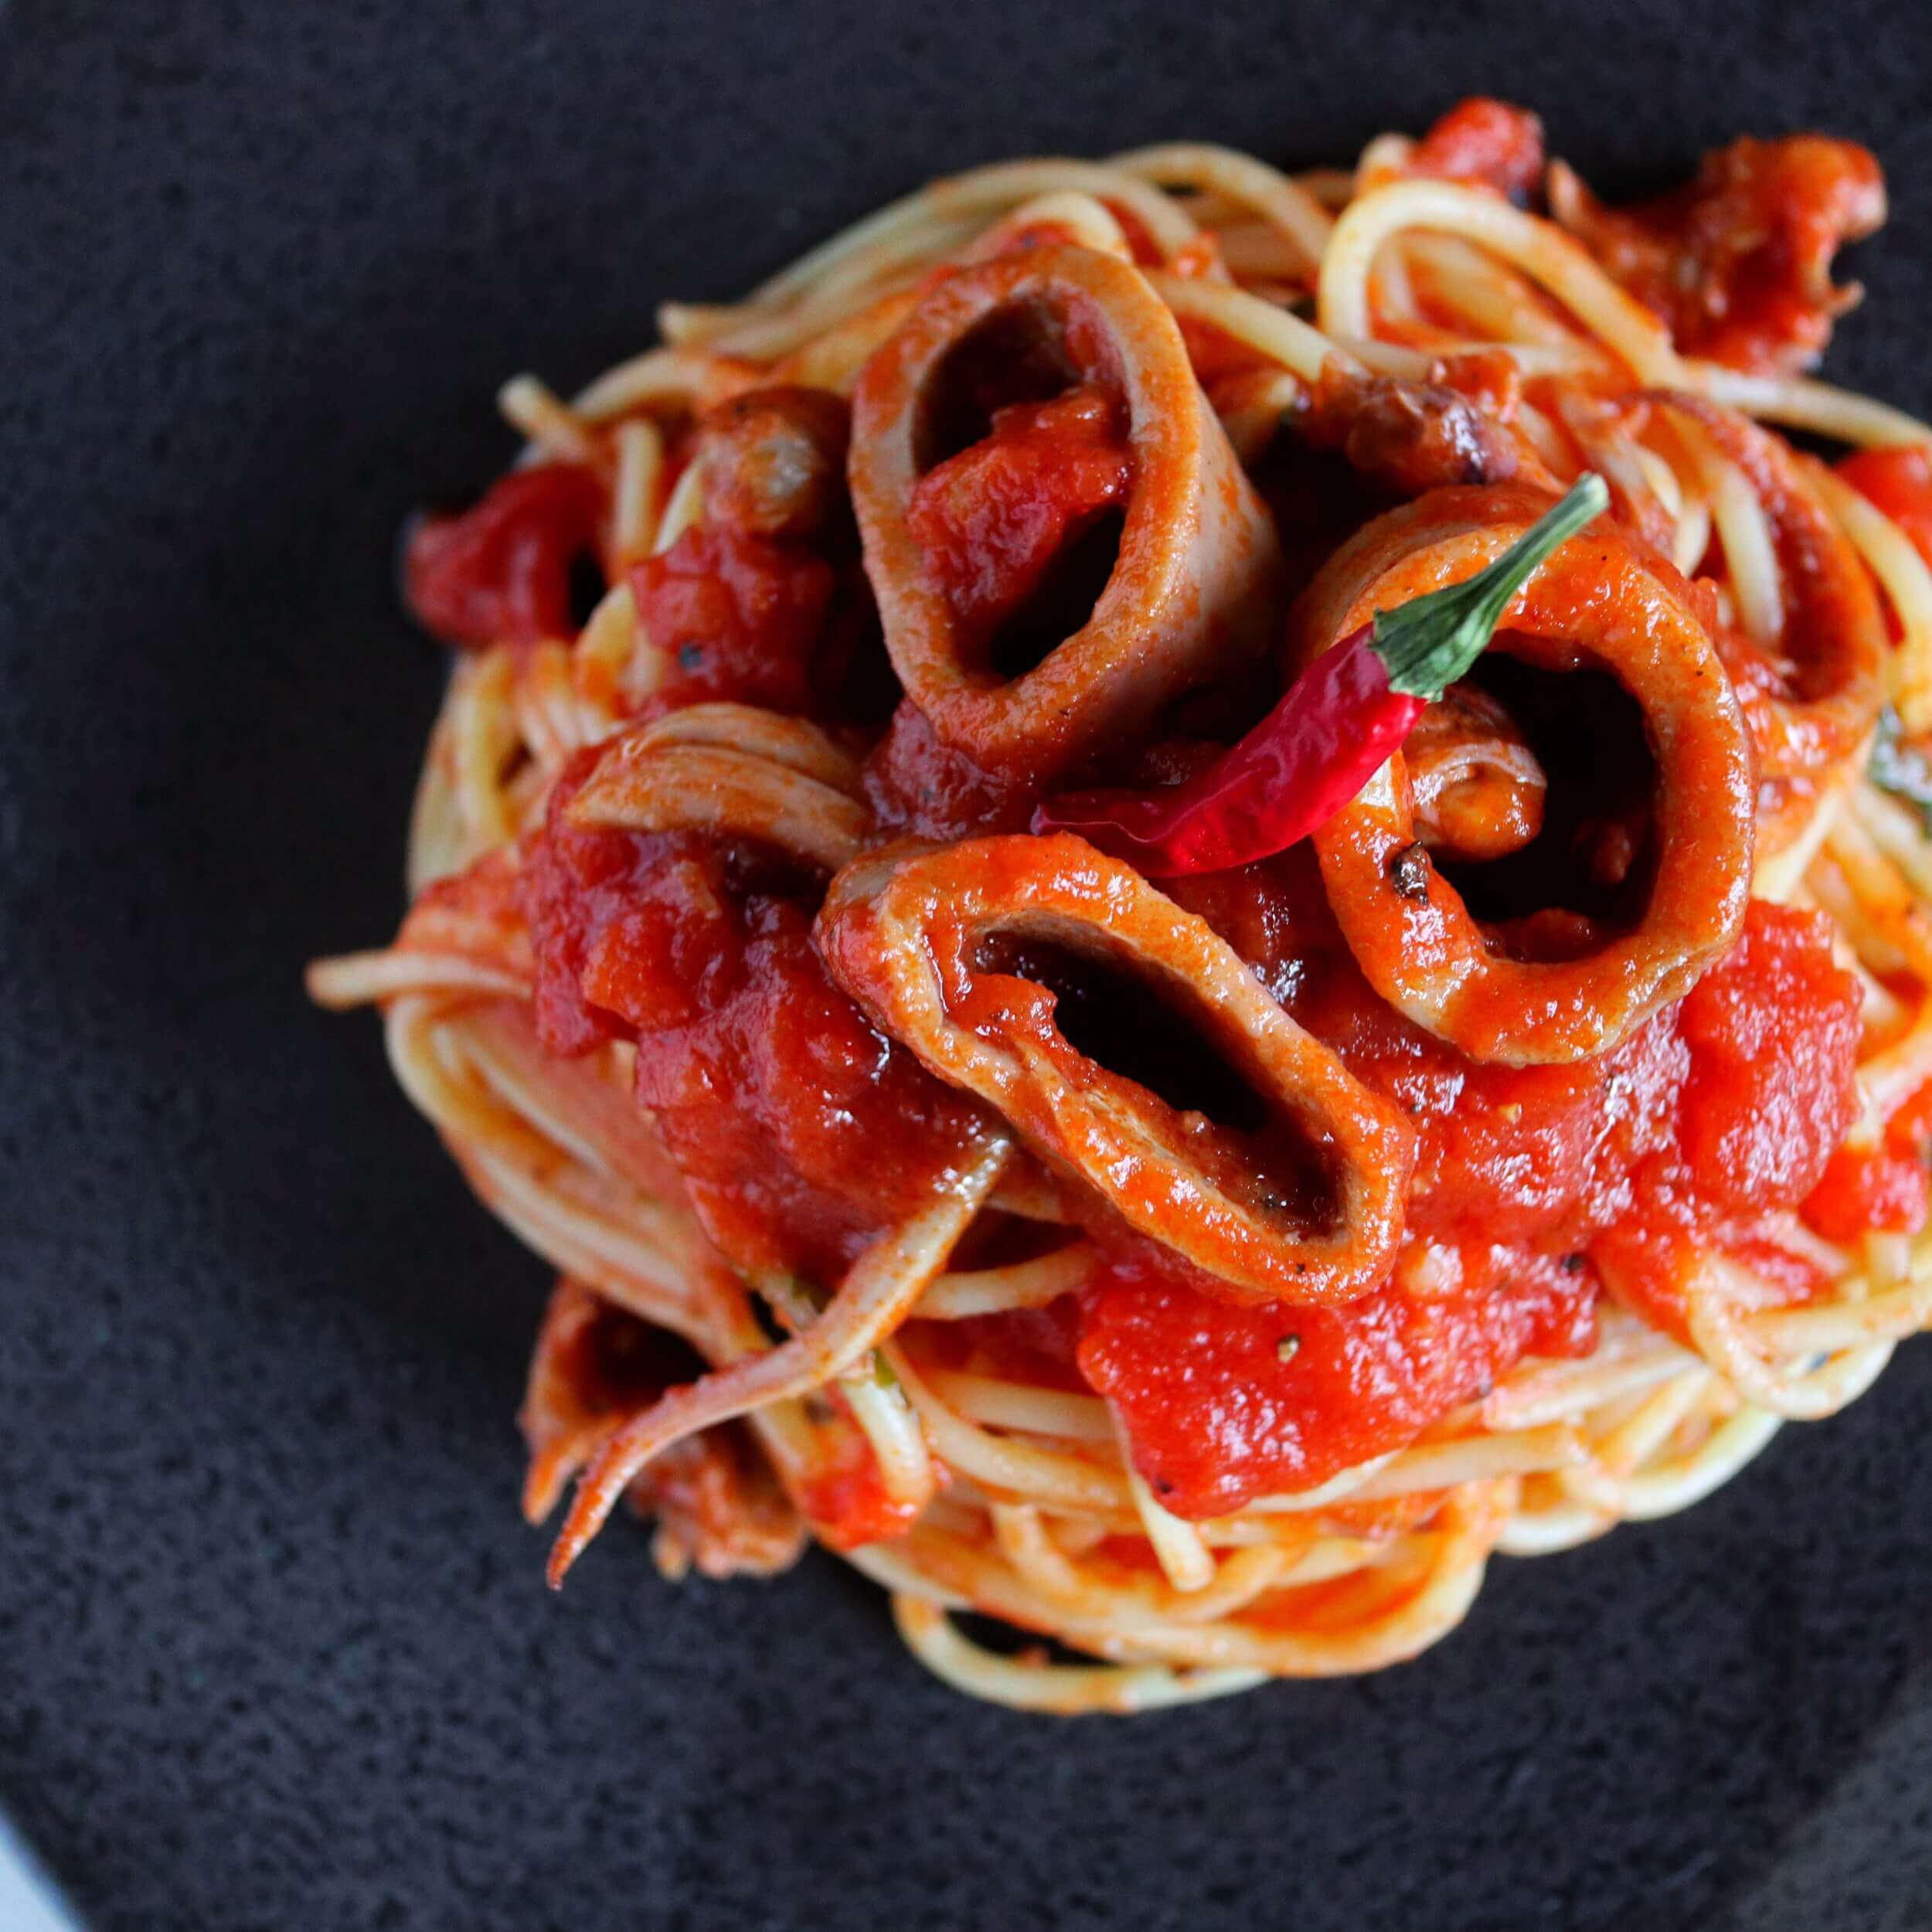 【コスパ最高】イカ缶の海鮮トマトパスタのレシピ